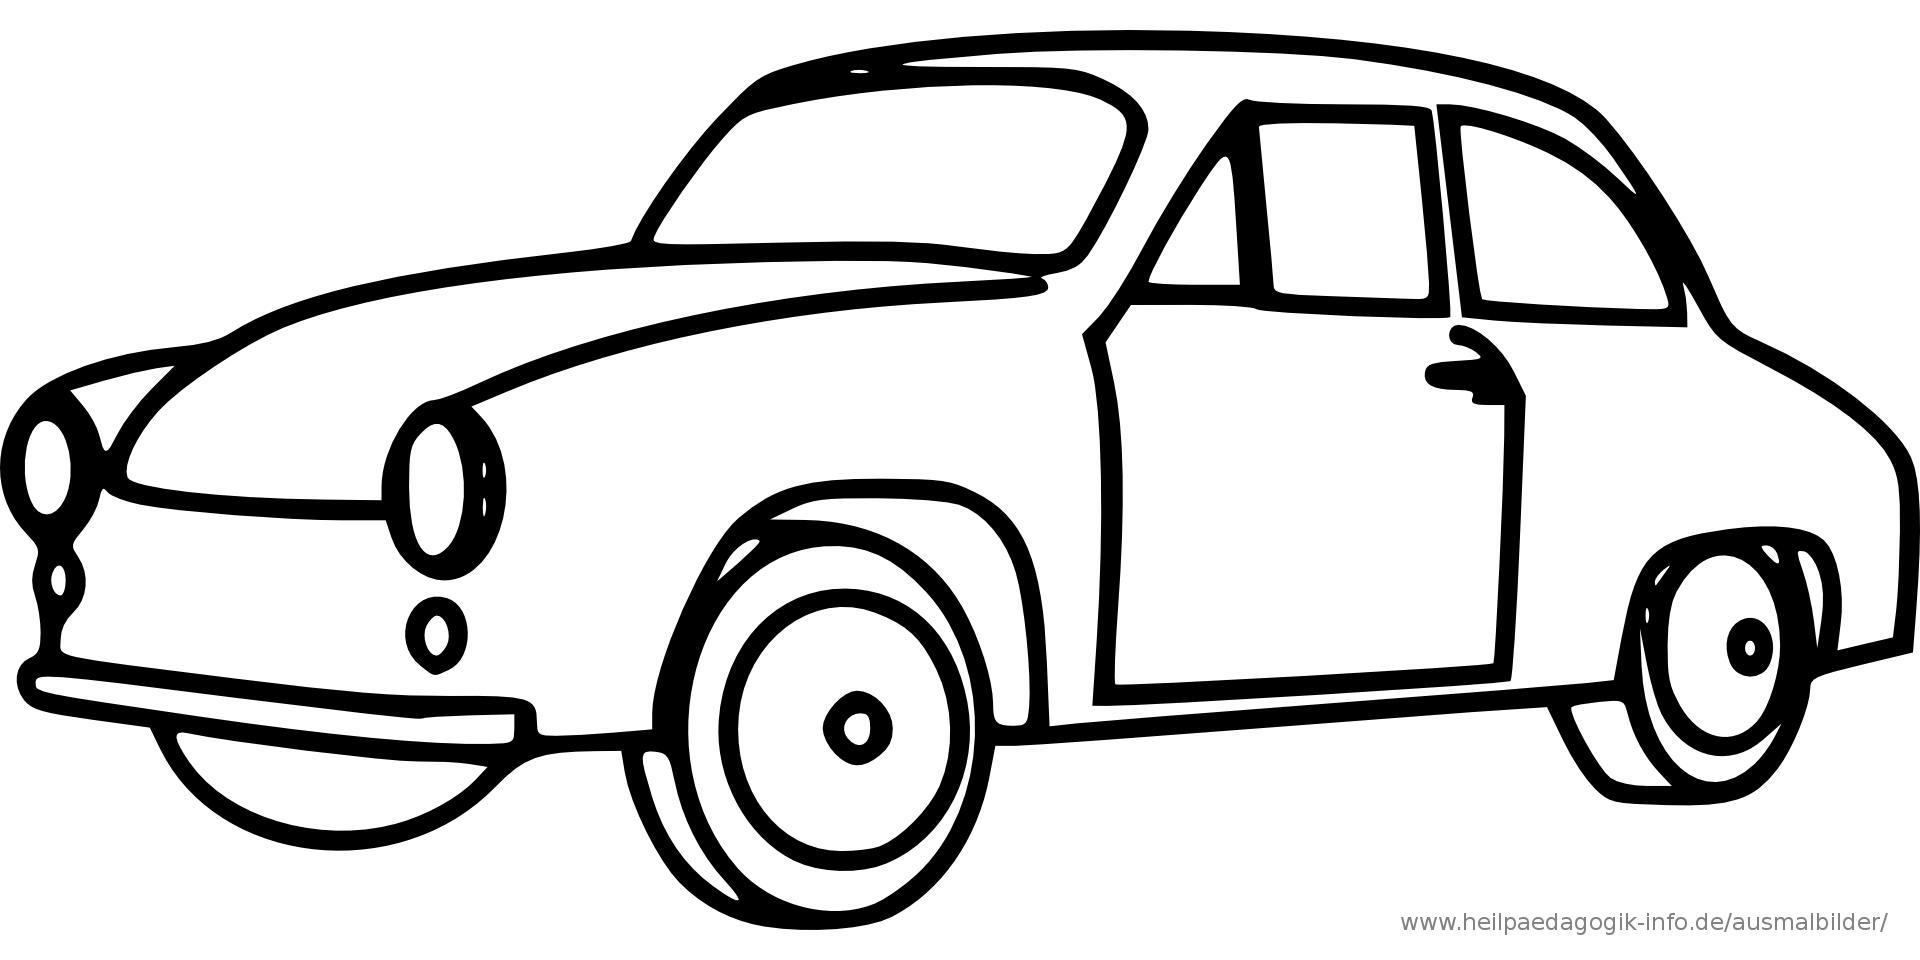 Malvorlage auto einfach - Ausmalbilder für kinder